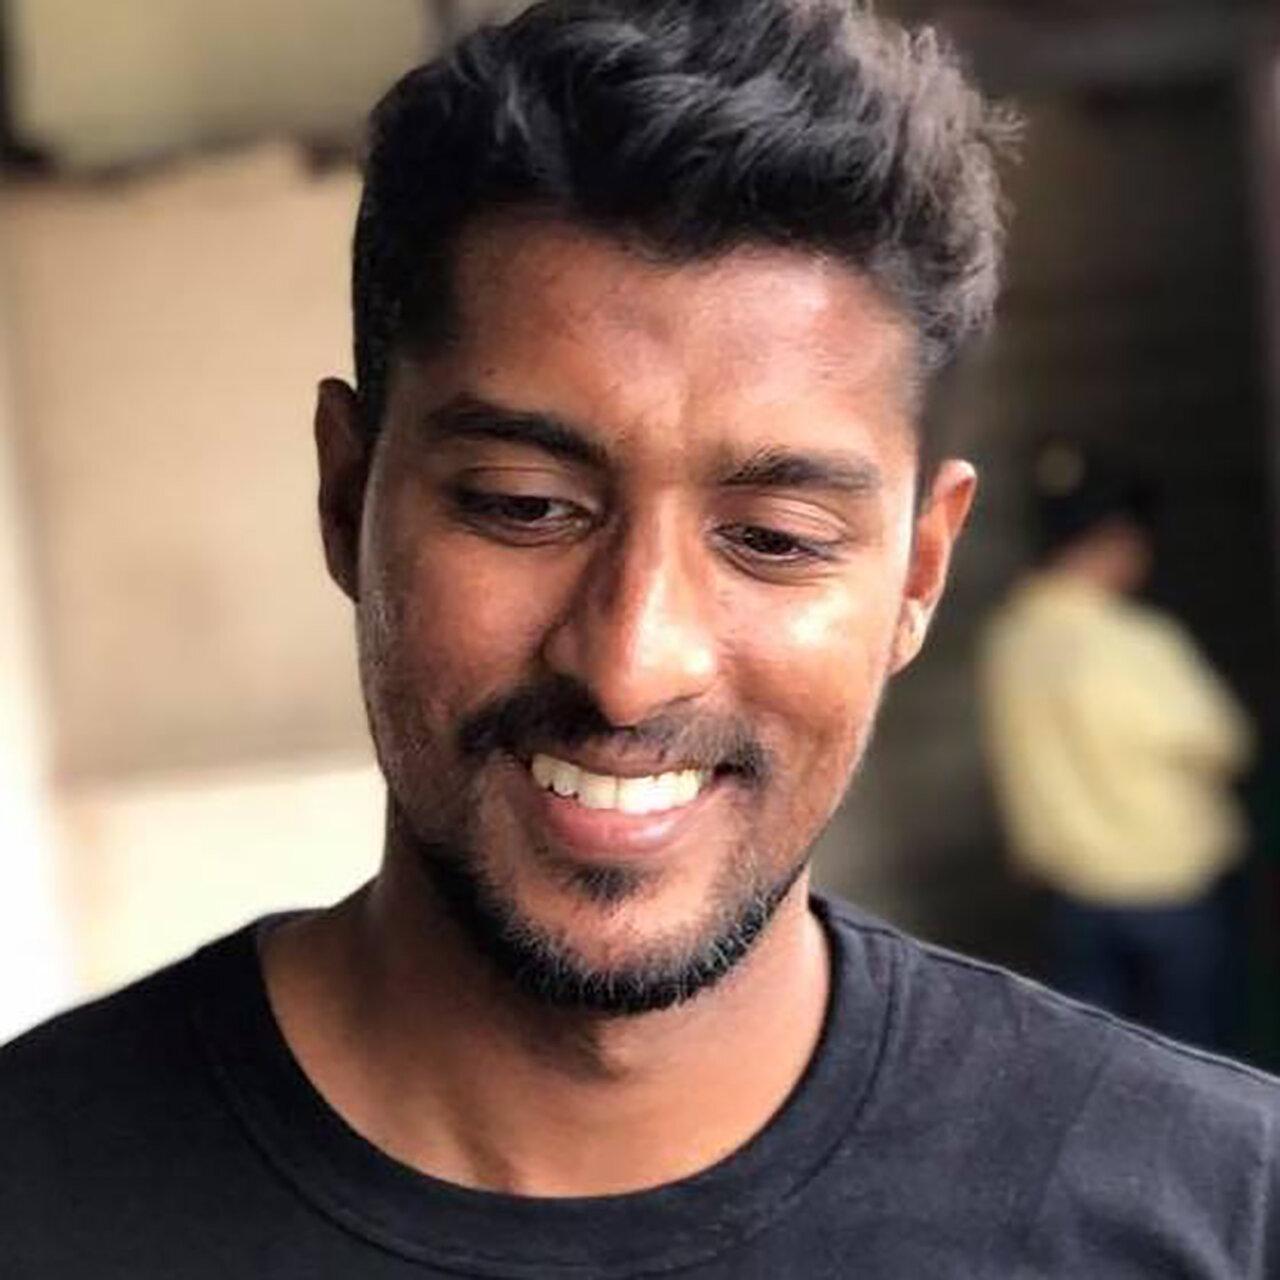 ABDUL HALIK AZEEZ Ratmalana, Sri Lanka @EverydaySriLanka  cargocollective.com/abdulhalikazeez   @colombedouin